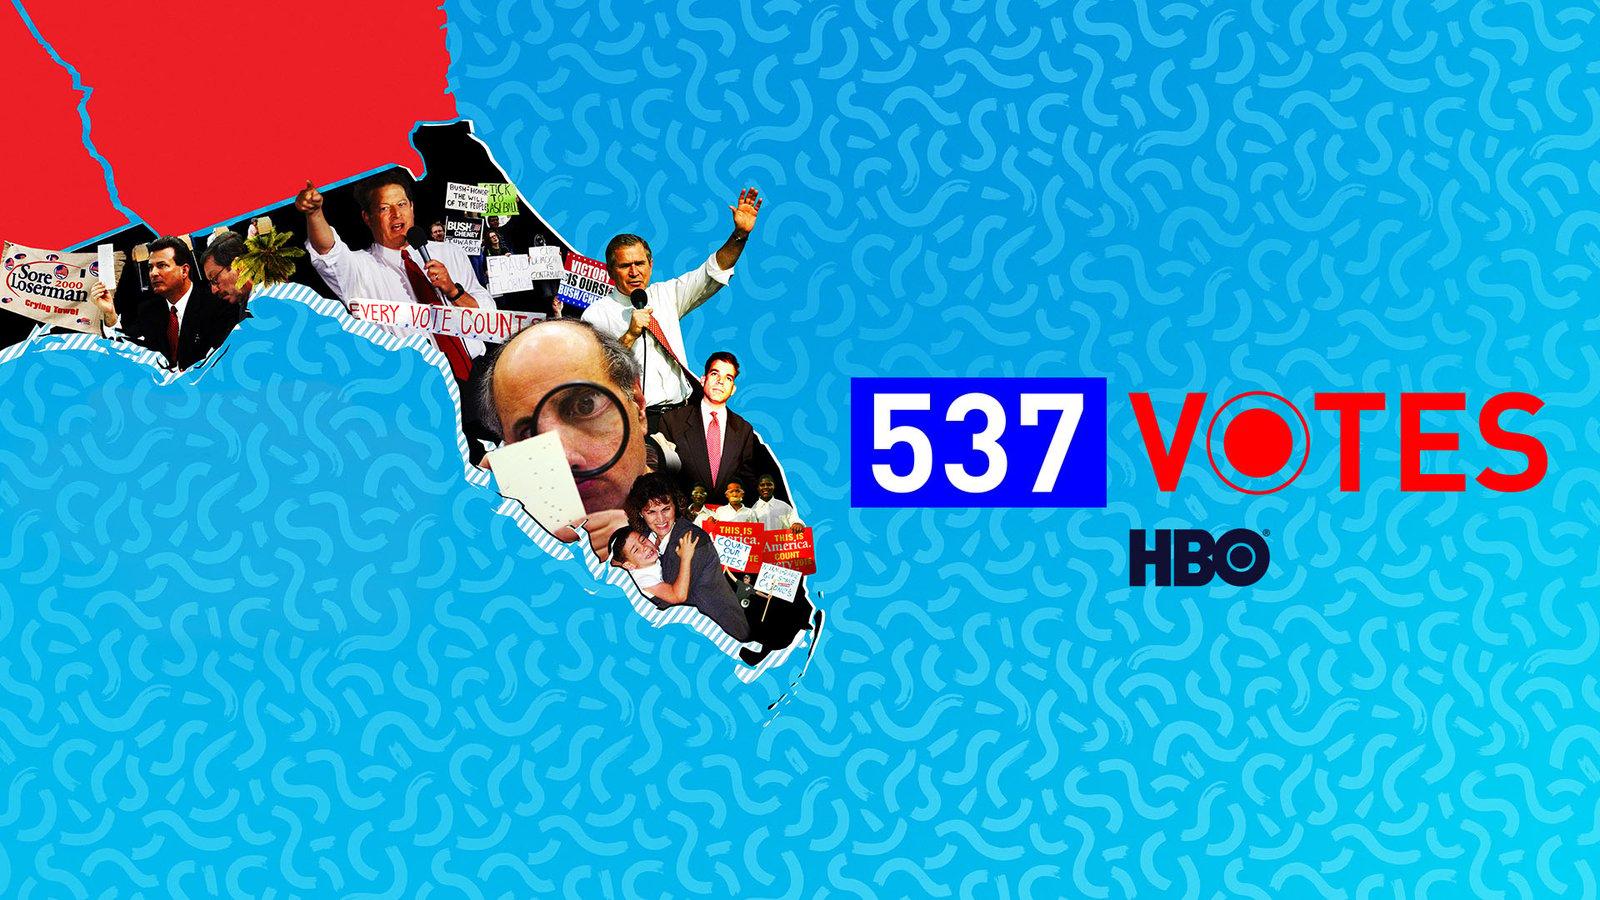 537 Votes